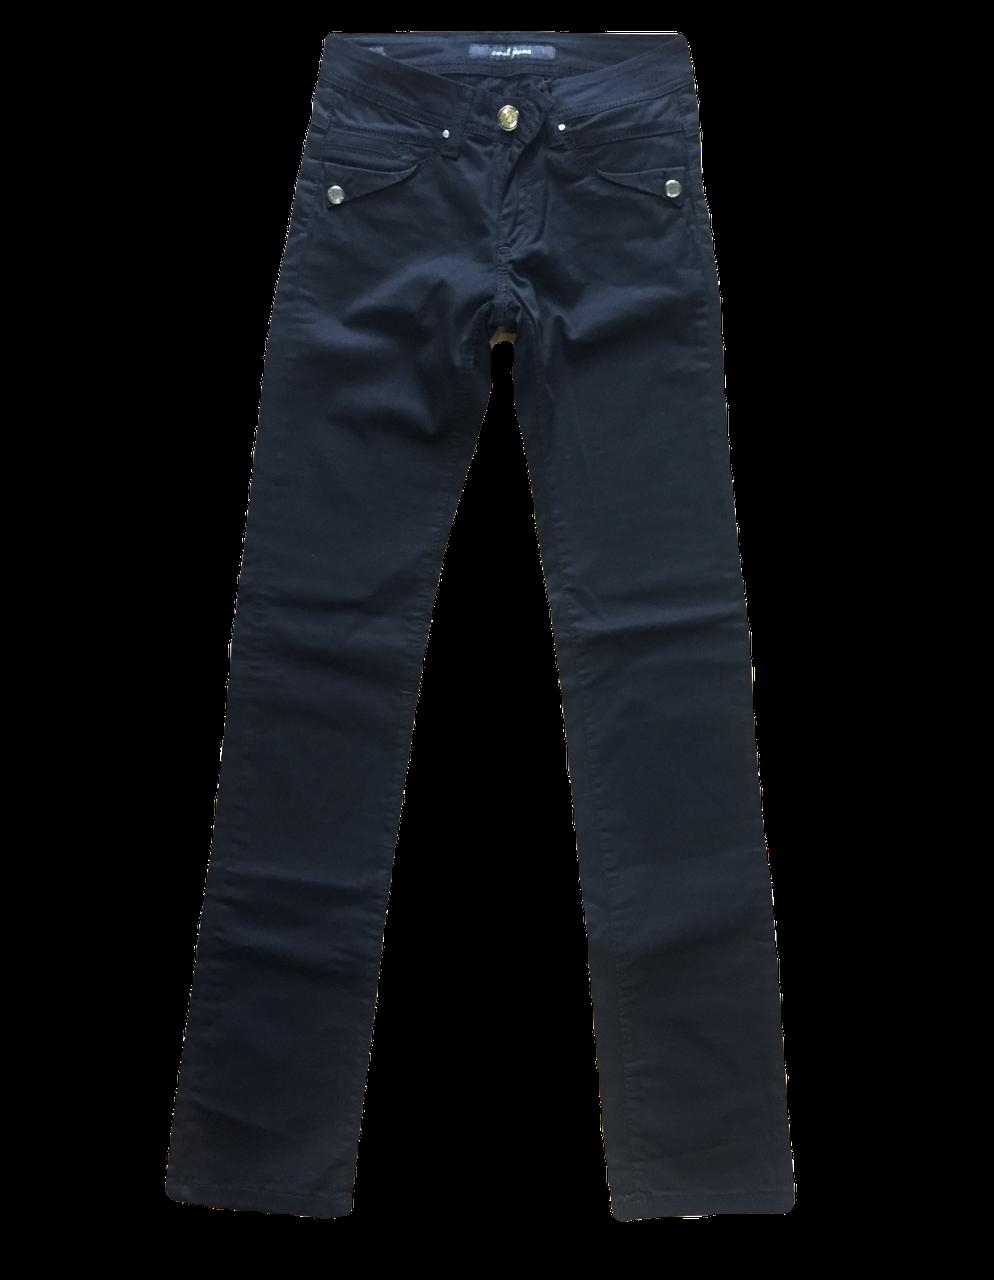 Чёрные женские джинсы Омат 9805